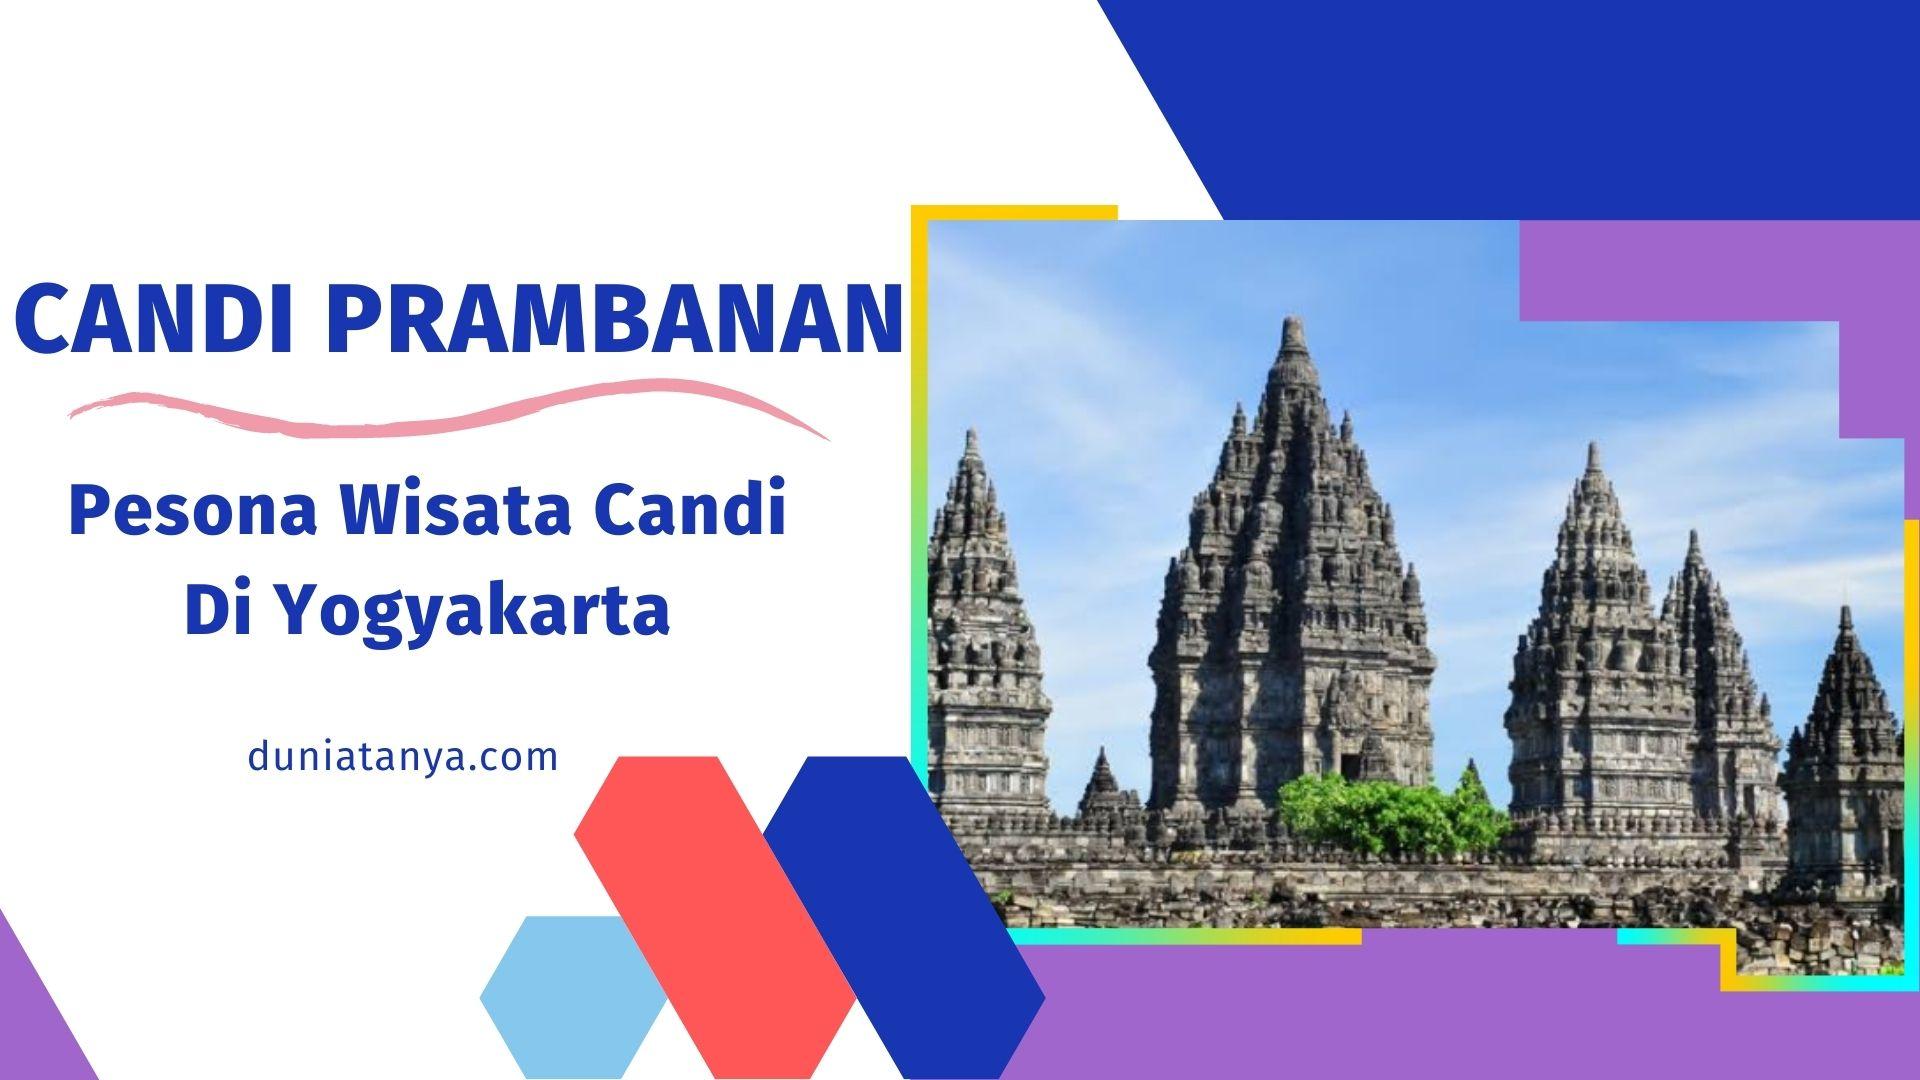 You are currently viewing Candi Prambanan : Pesona Wisata Candi Di Yogyakarta